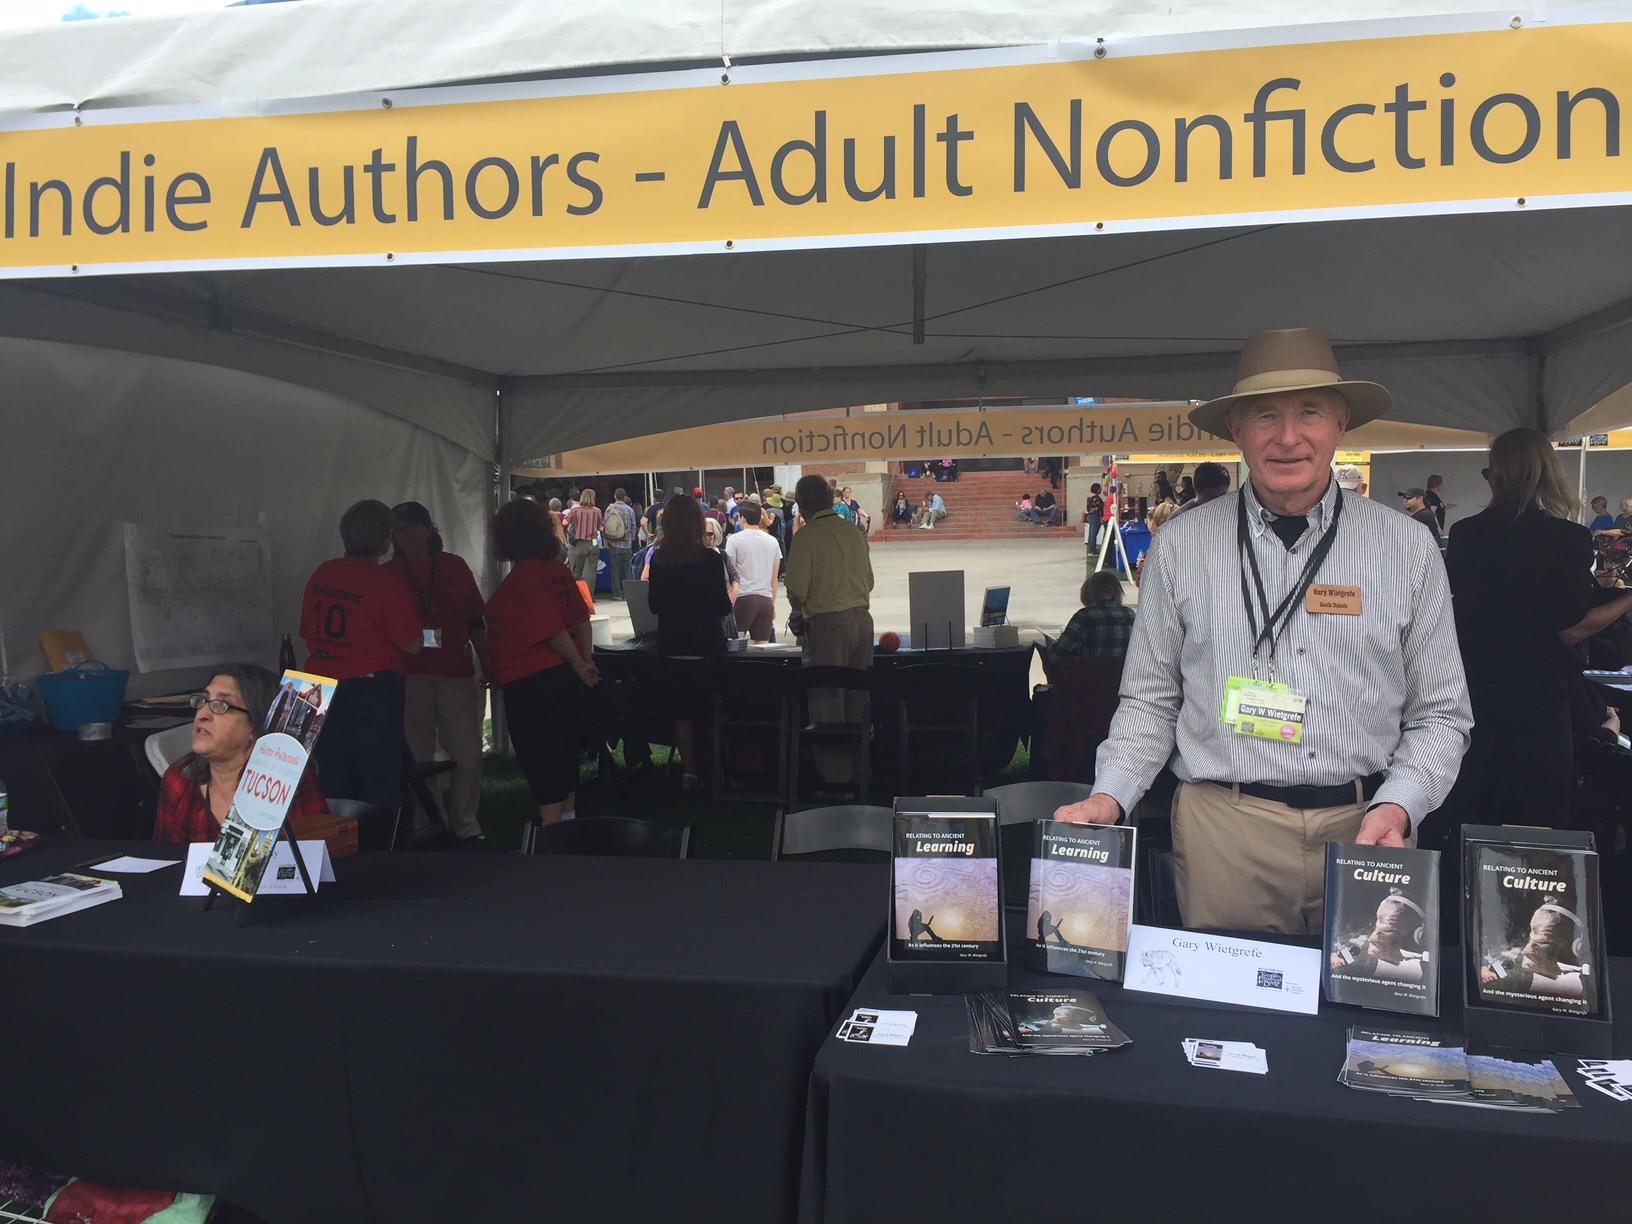 Tucson Indi Author signings 2 031118.jpg